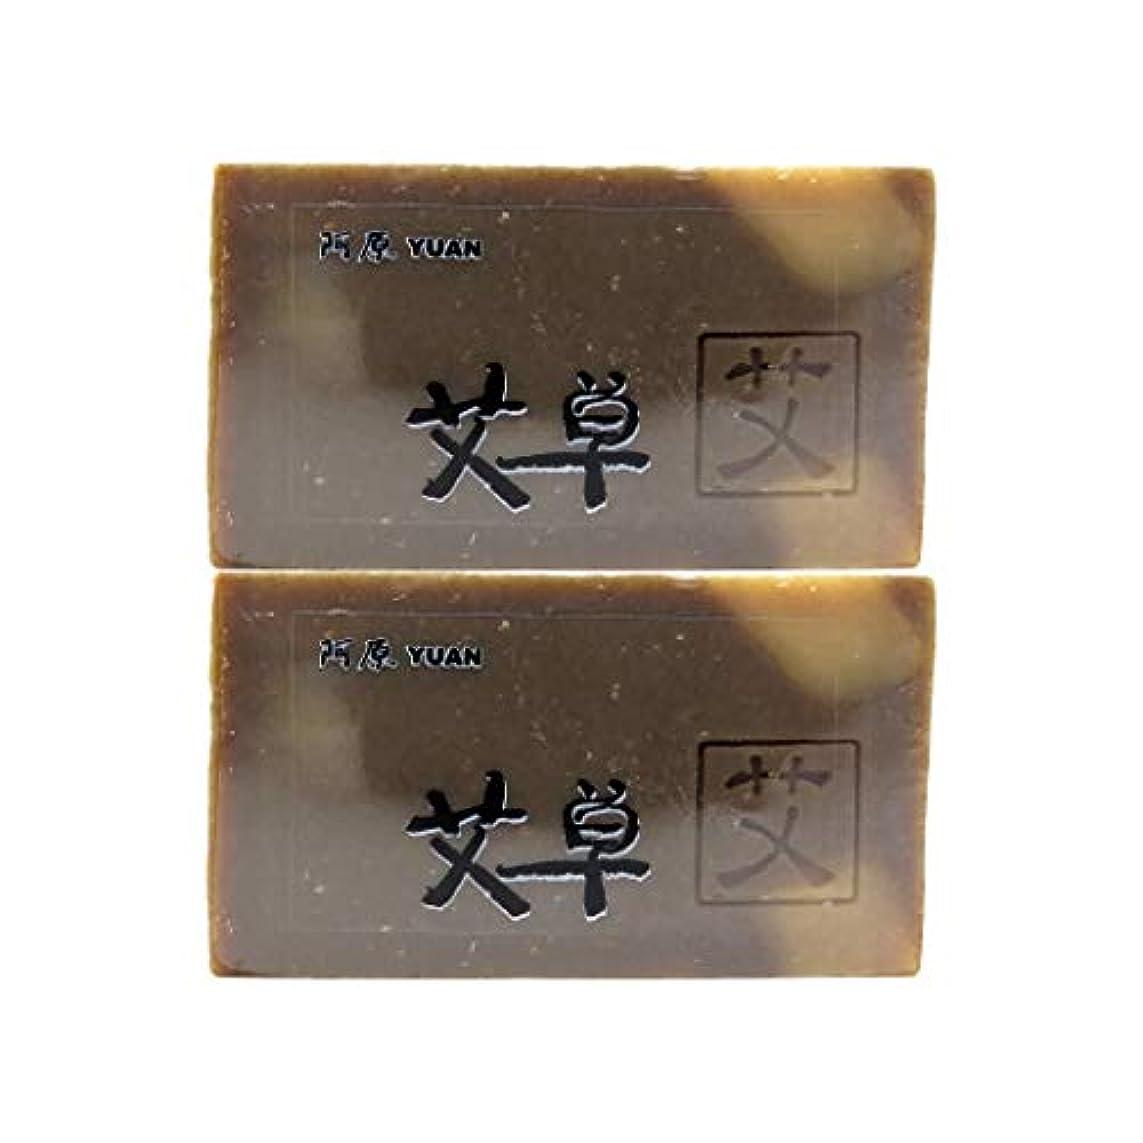 粘り強い吐き出す手首ユアン(YUAN) ヨモギソープ 100g (2個セット)